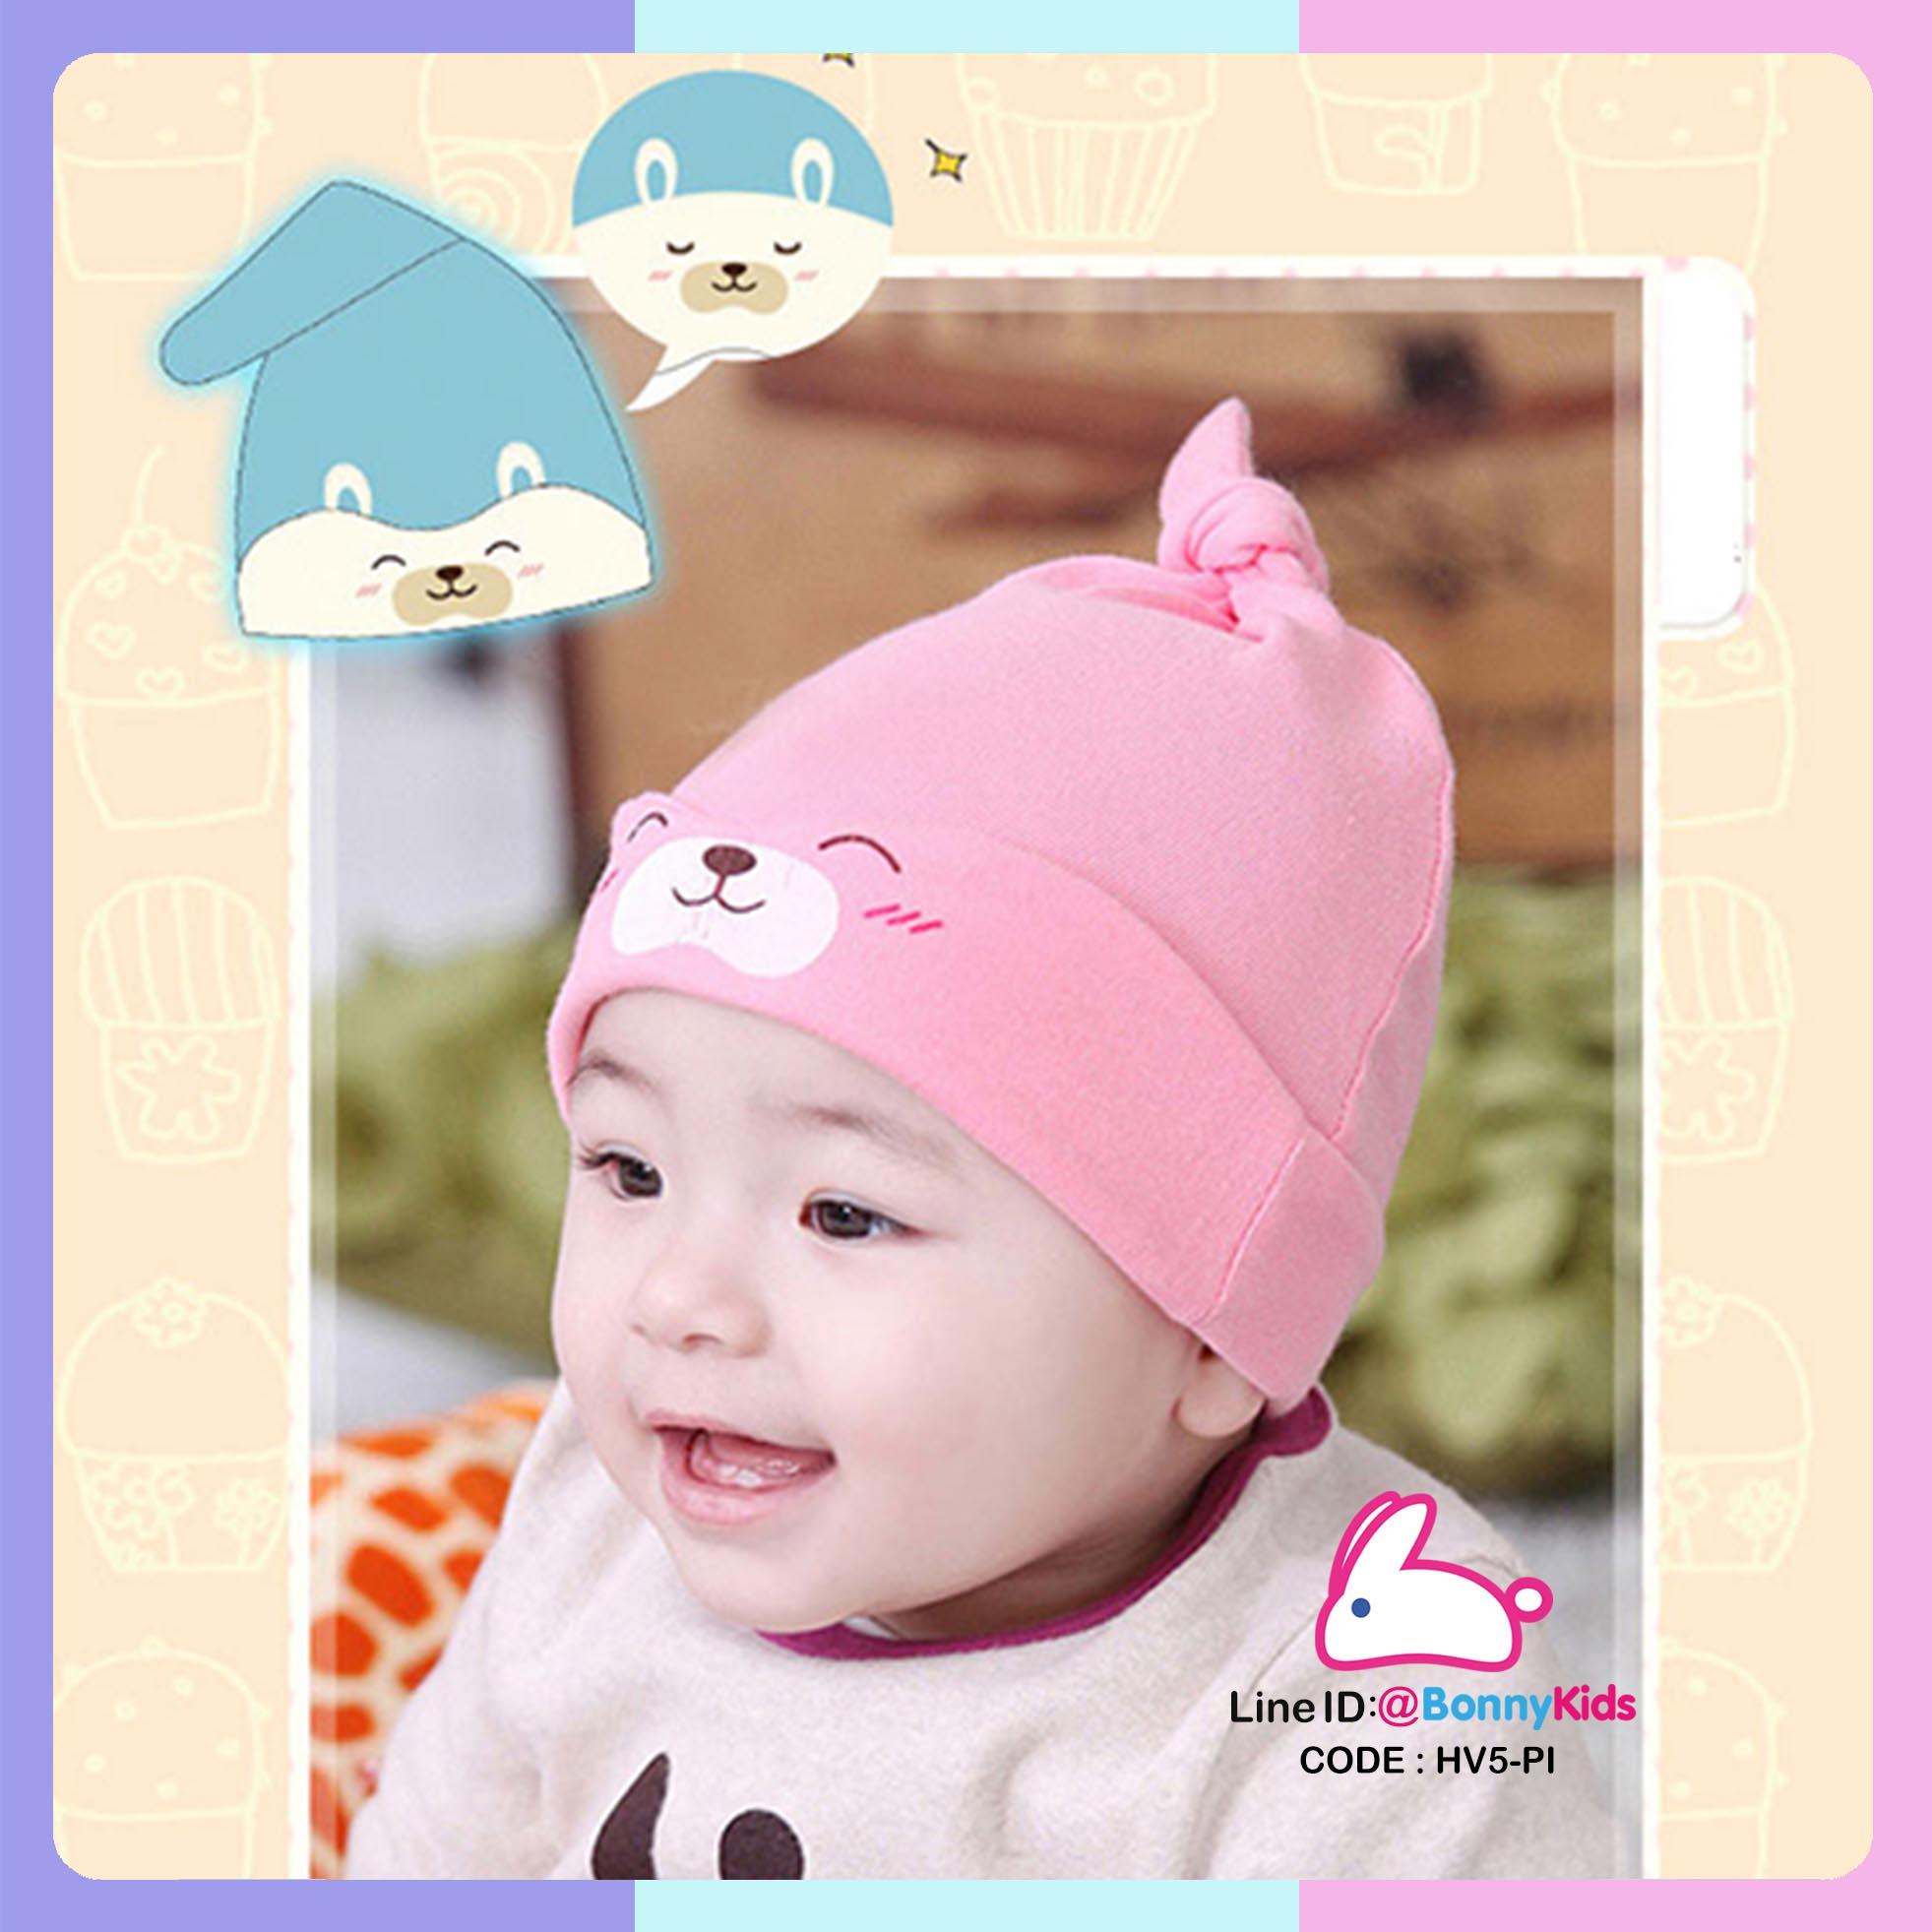 หมวกหูยาว หน้าหมี สีชมพู